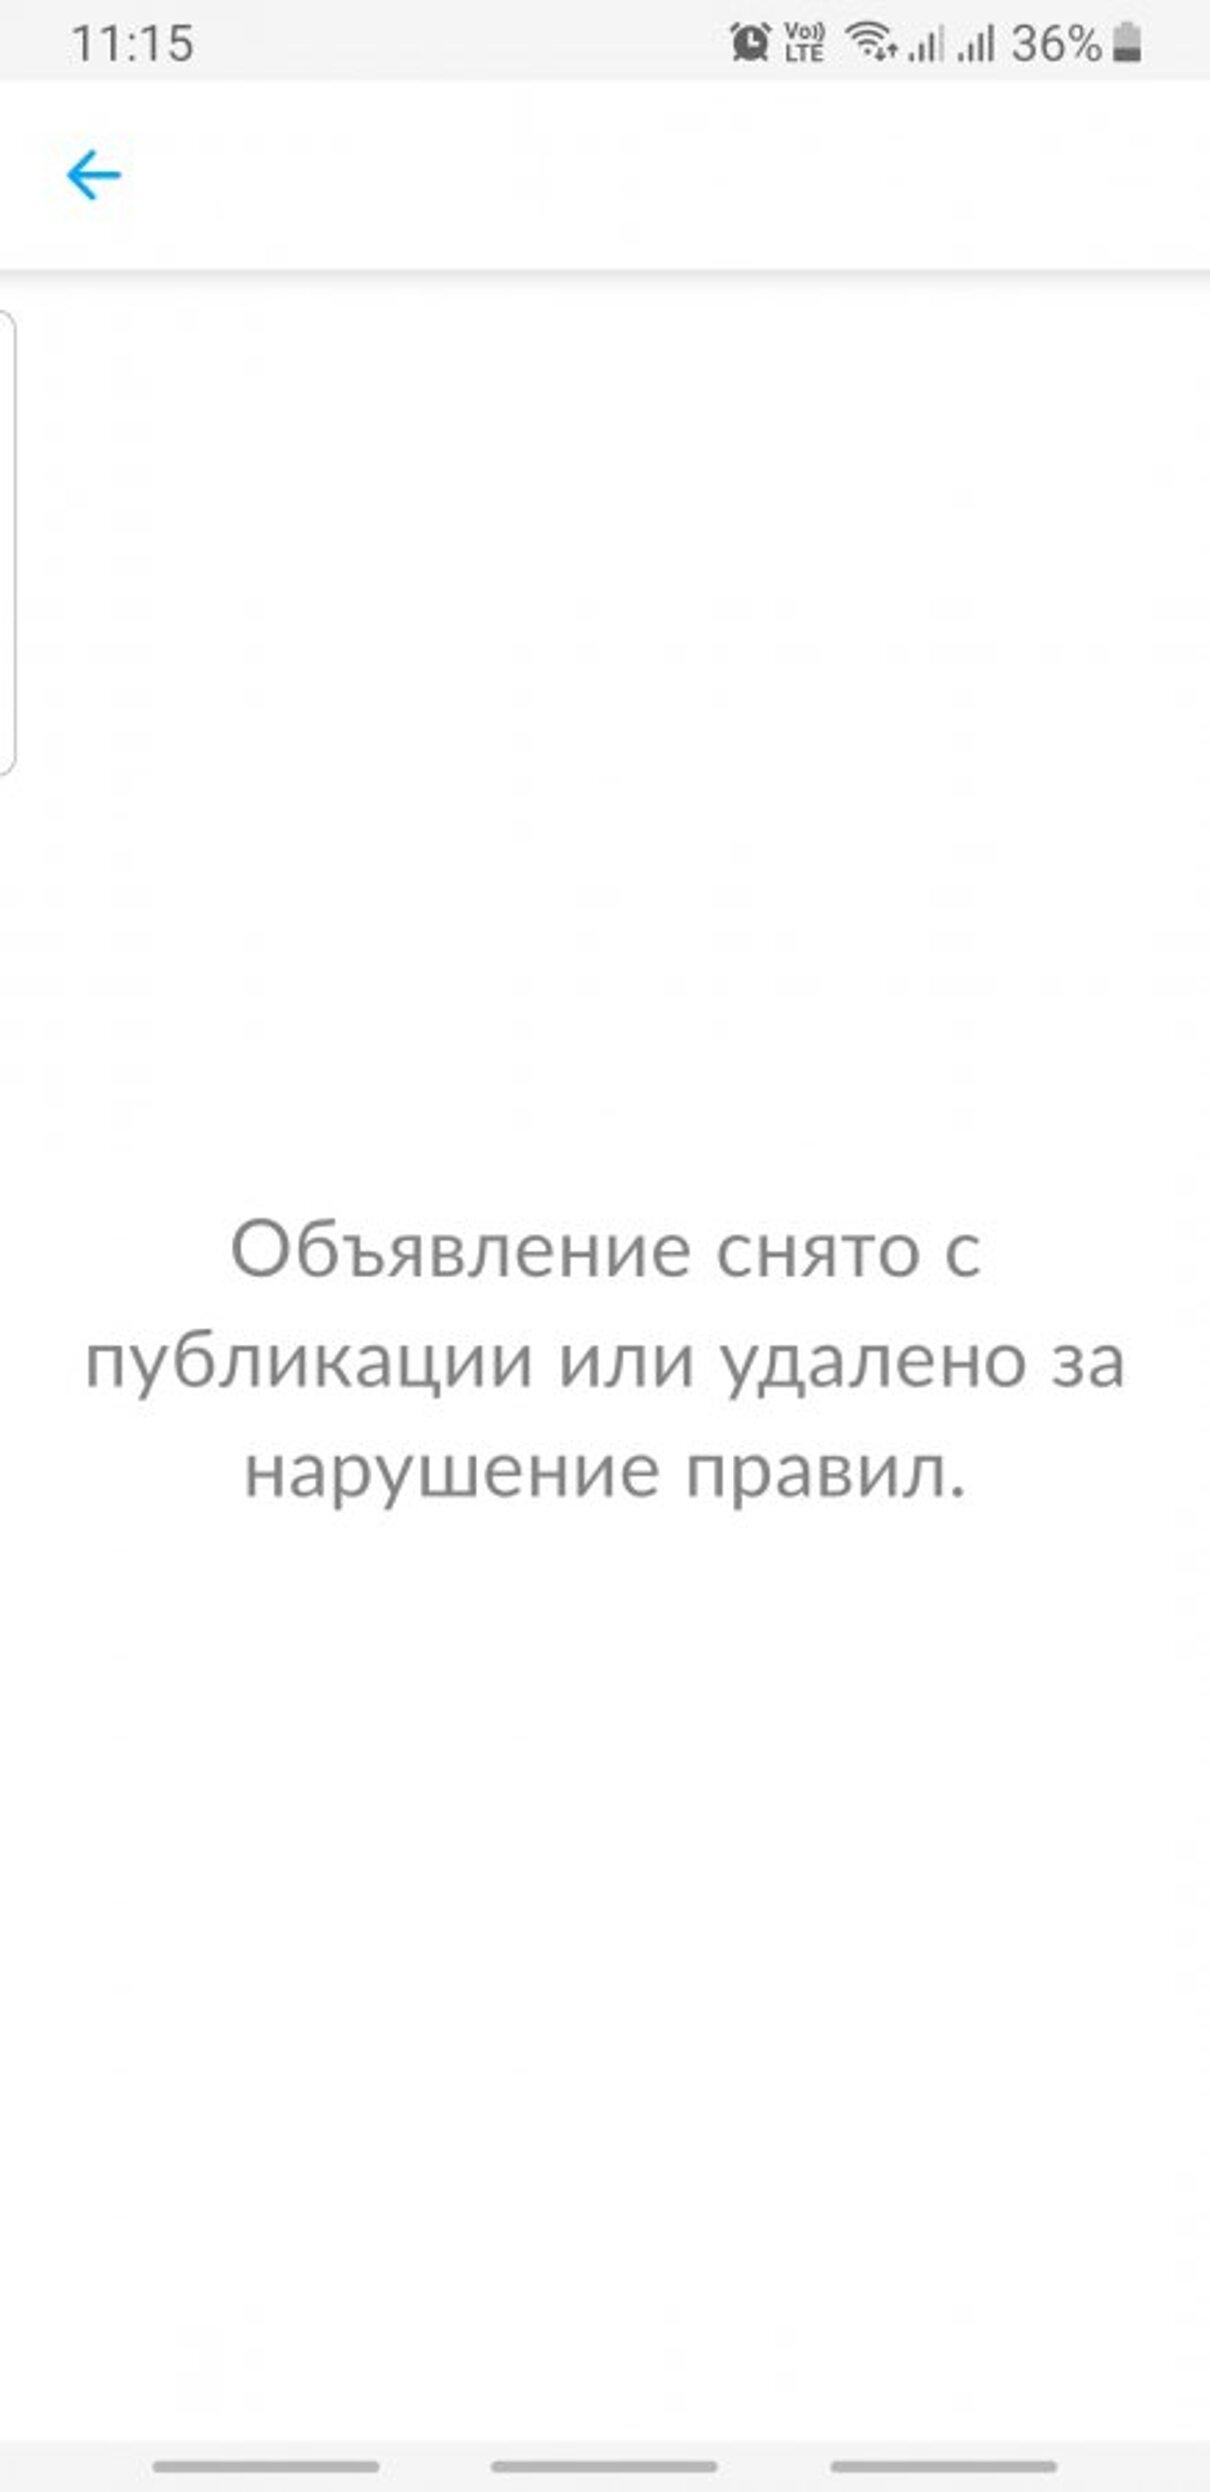 Жалоба-отзыв: Татьяна и Алексей +7 928 236-56-05 - Мошенники Сочи квартира.  Фото №1